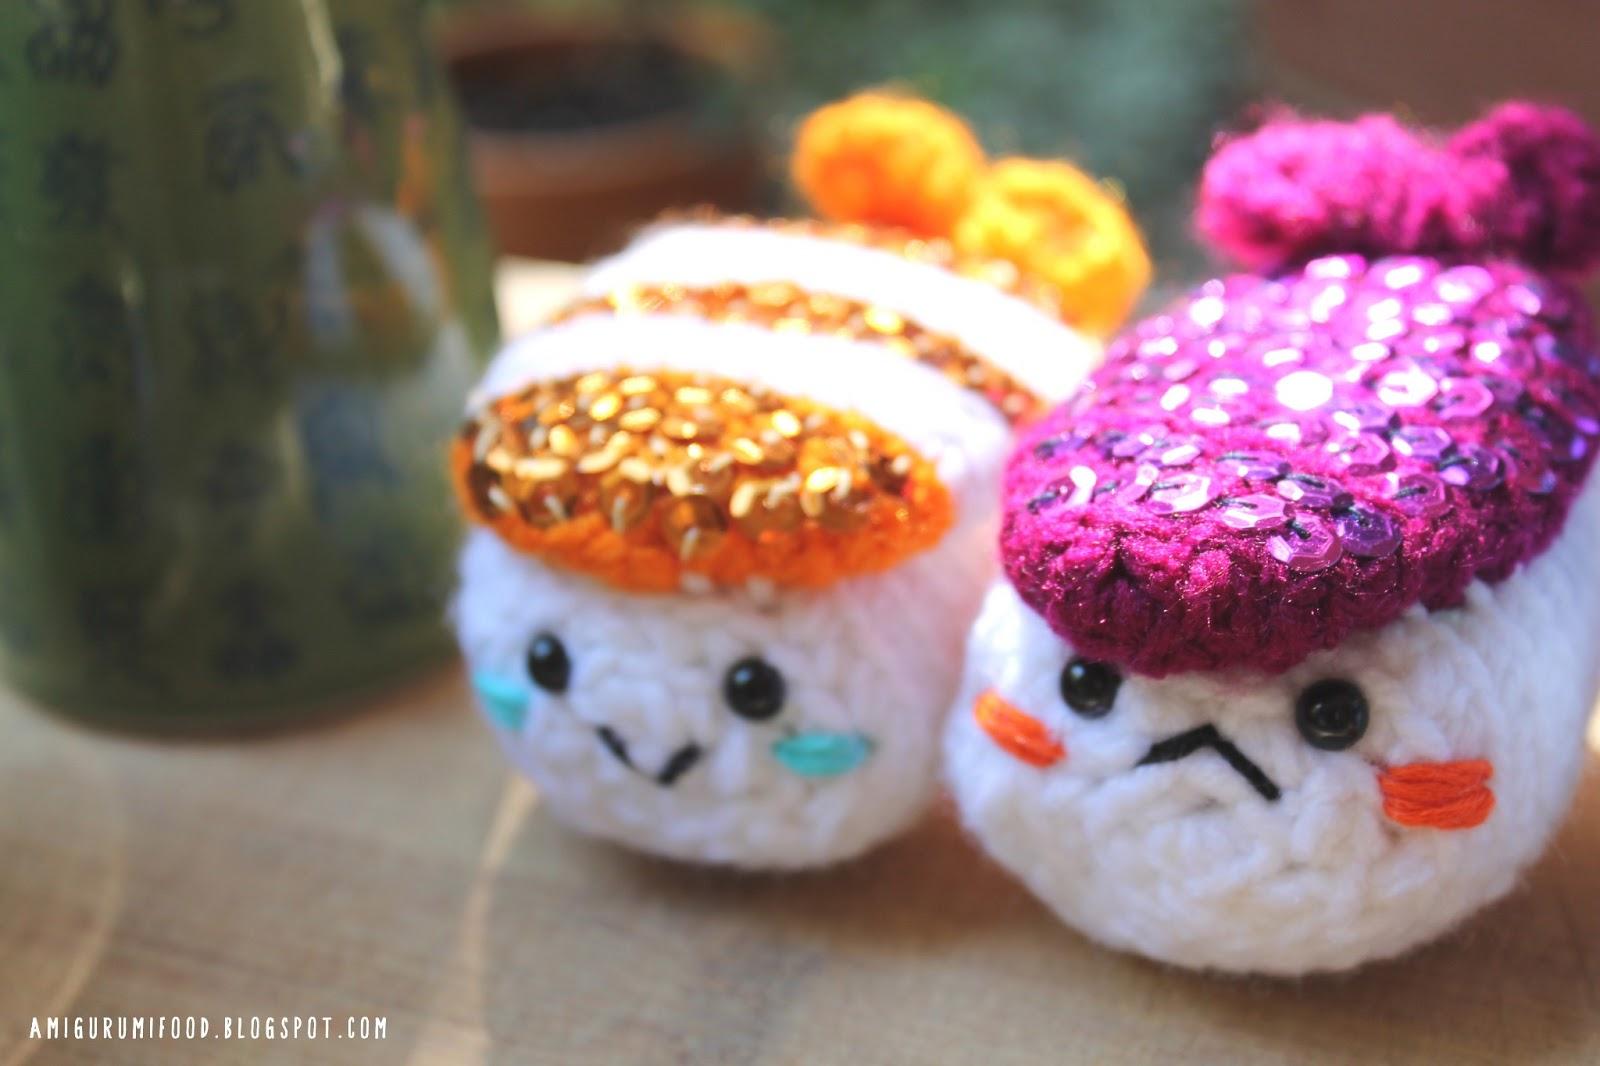 Amigurumi Food : Amigurumi Food: Shining Sushi Amigurumi!